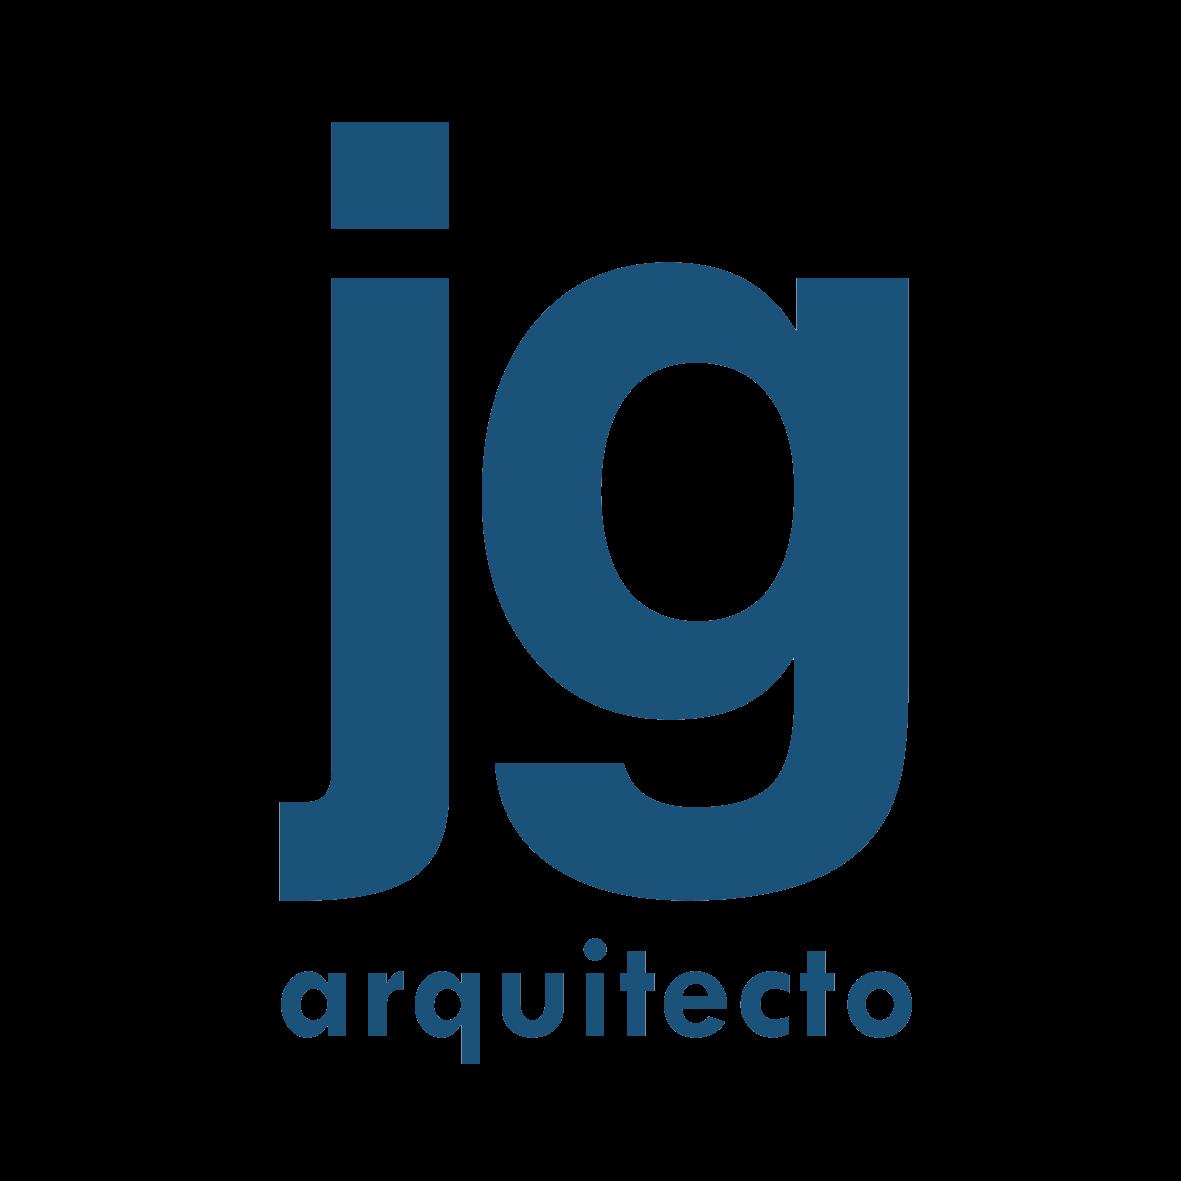 Joaquín Gutierrez